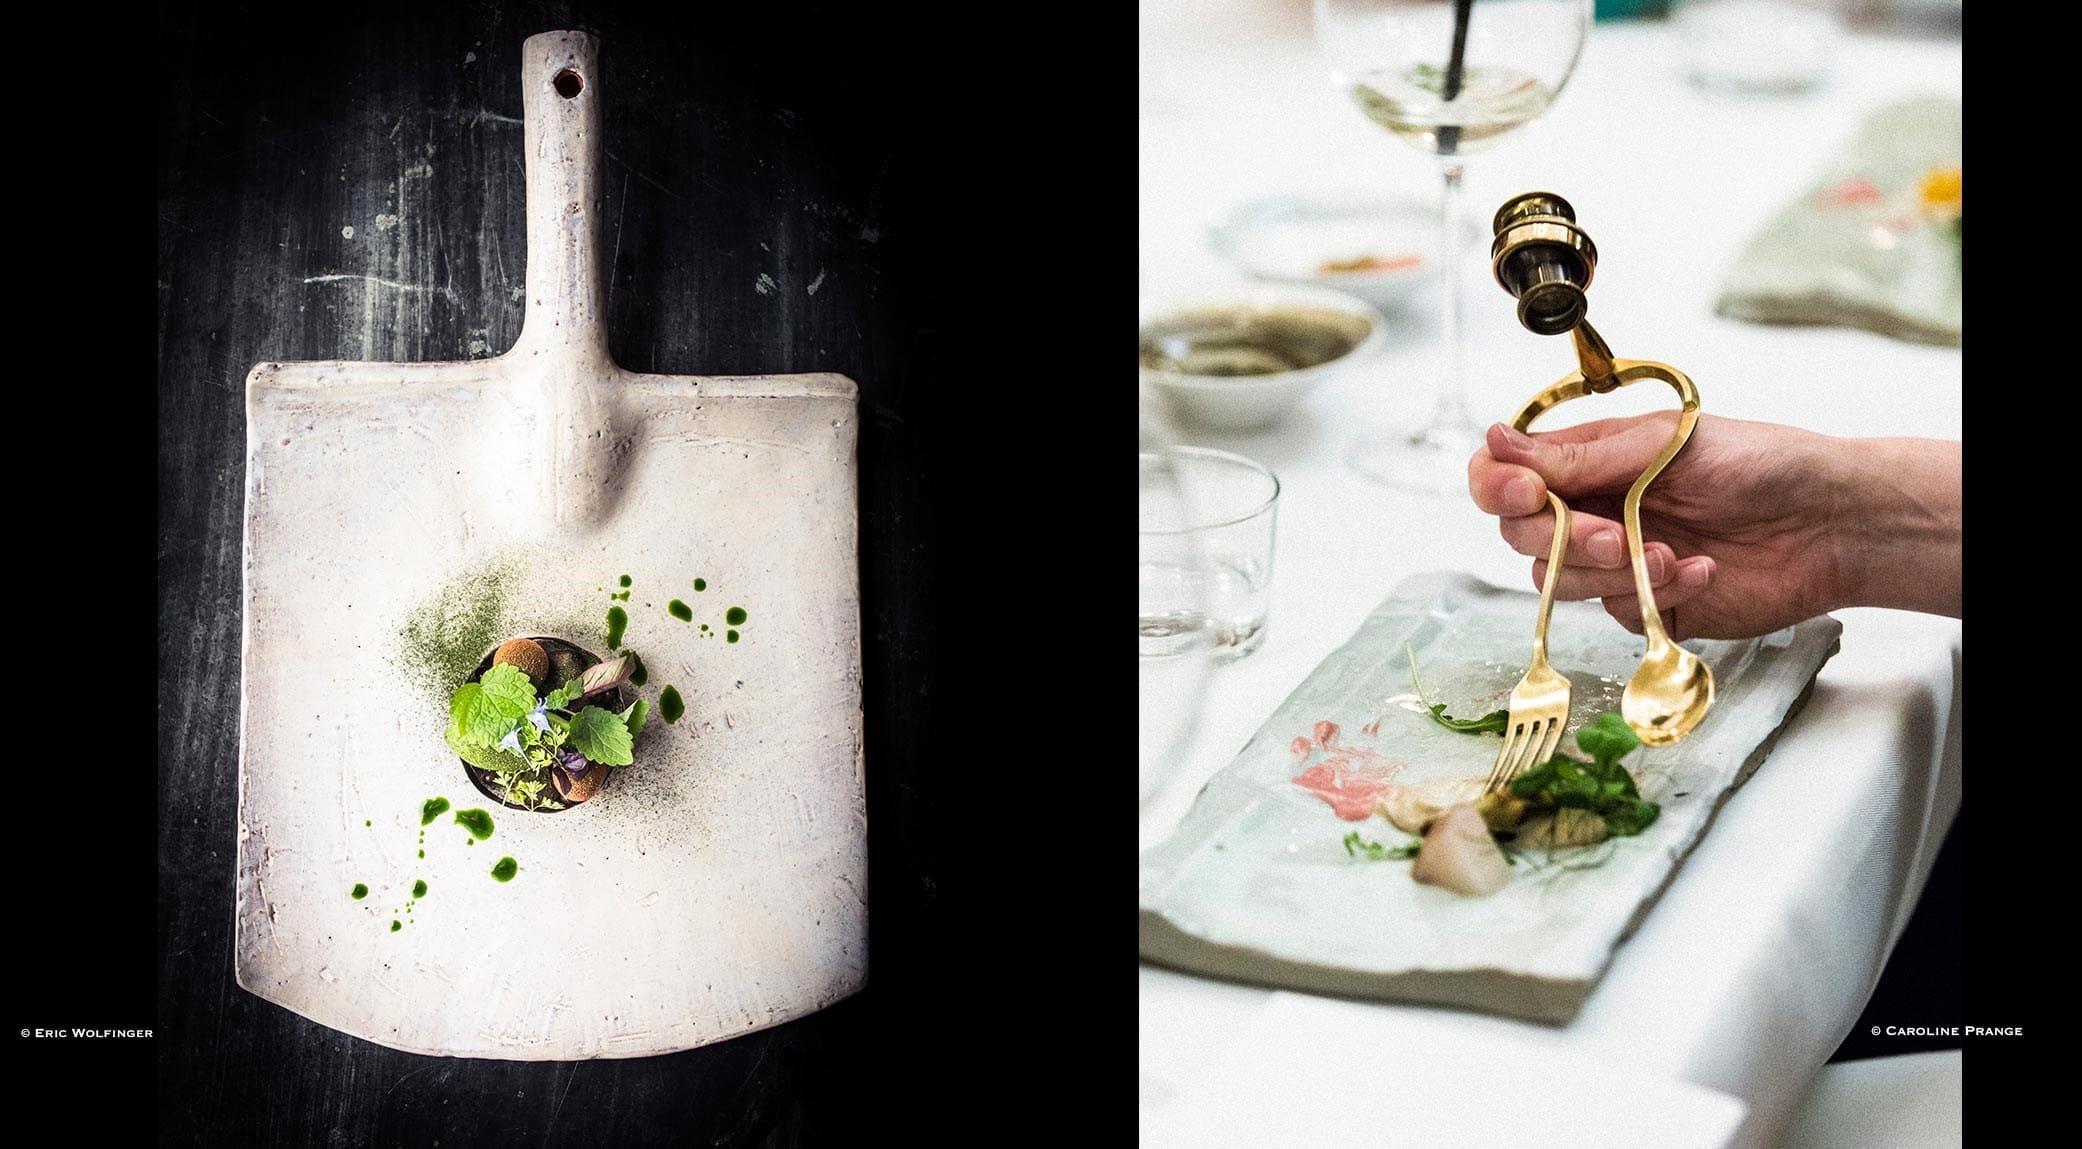 original_Steinbeisser-Experimental-Gastronomy-5.jpg